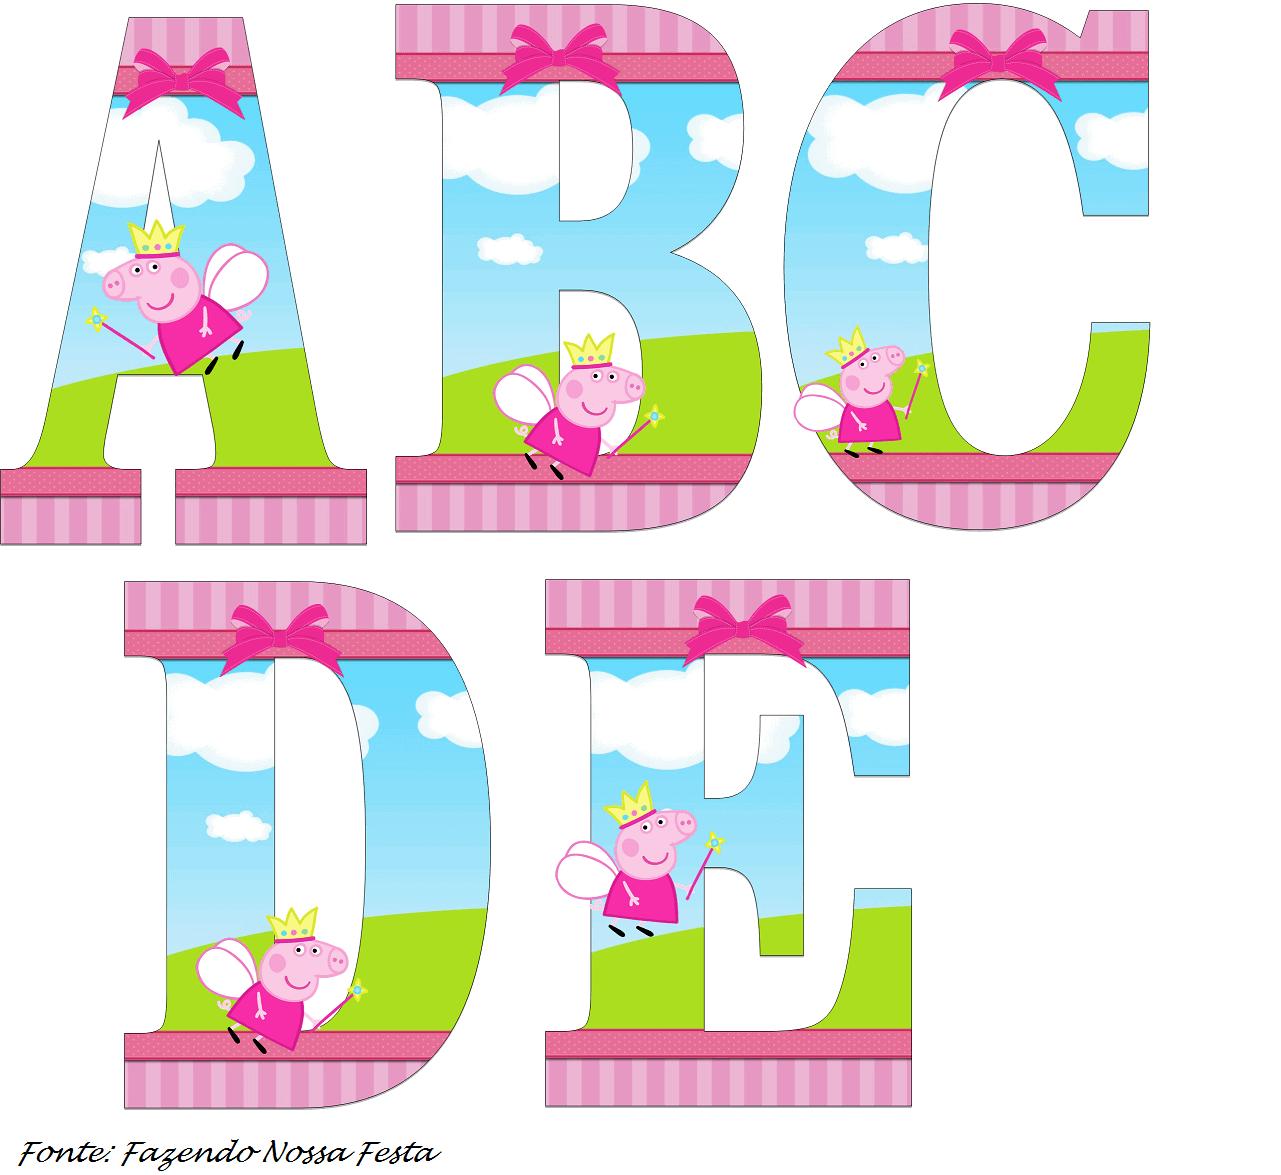 fontes temáticas para aniversário peppa pig